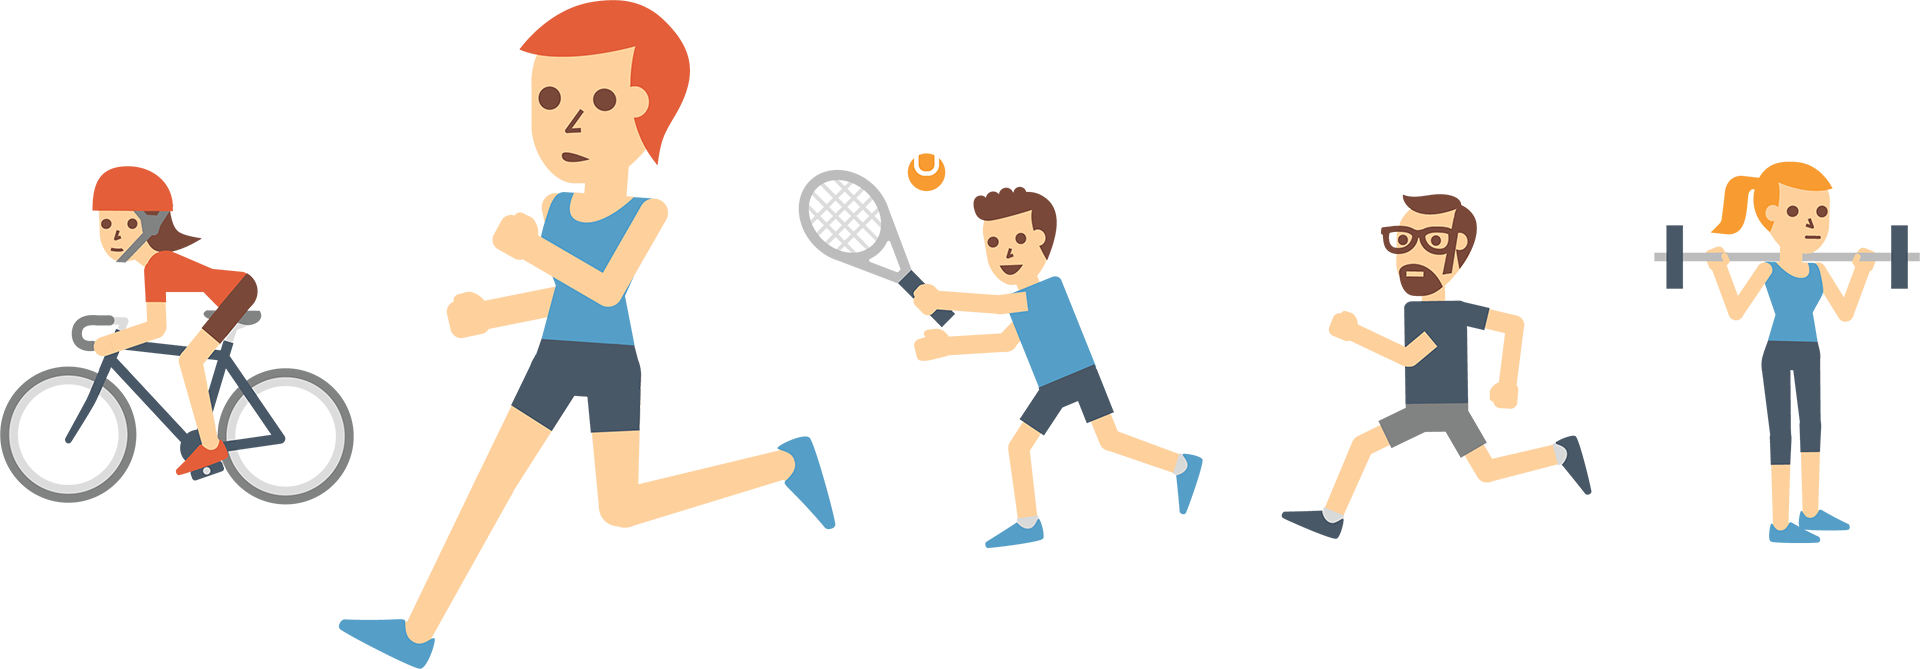 Illustration de différents intérêts tels que la randonnée, le vélo, la course à pied, avec la course au premier plan.